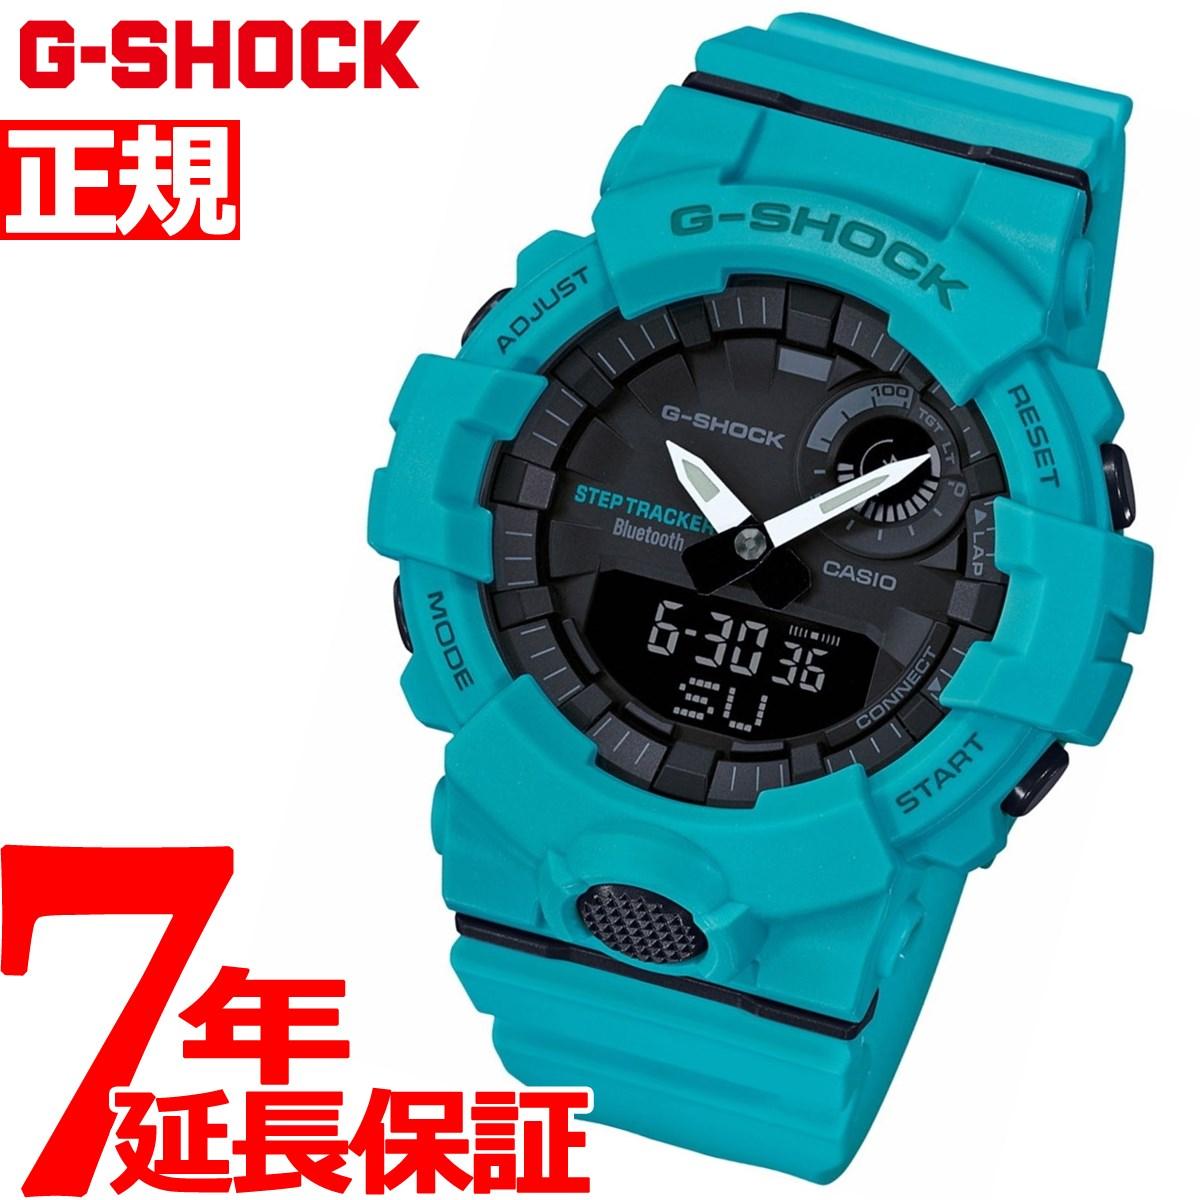 G-SHOCK G-SQUAD カシオ Gショック ジースクワッド CASIO 腕時計 メンズ GBA-800-2A2JF【2018 新作】